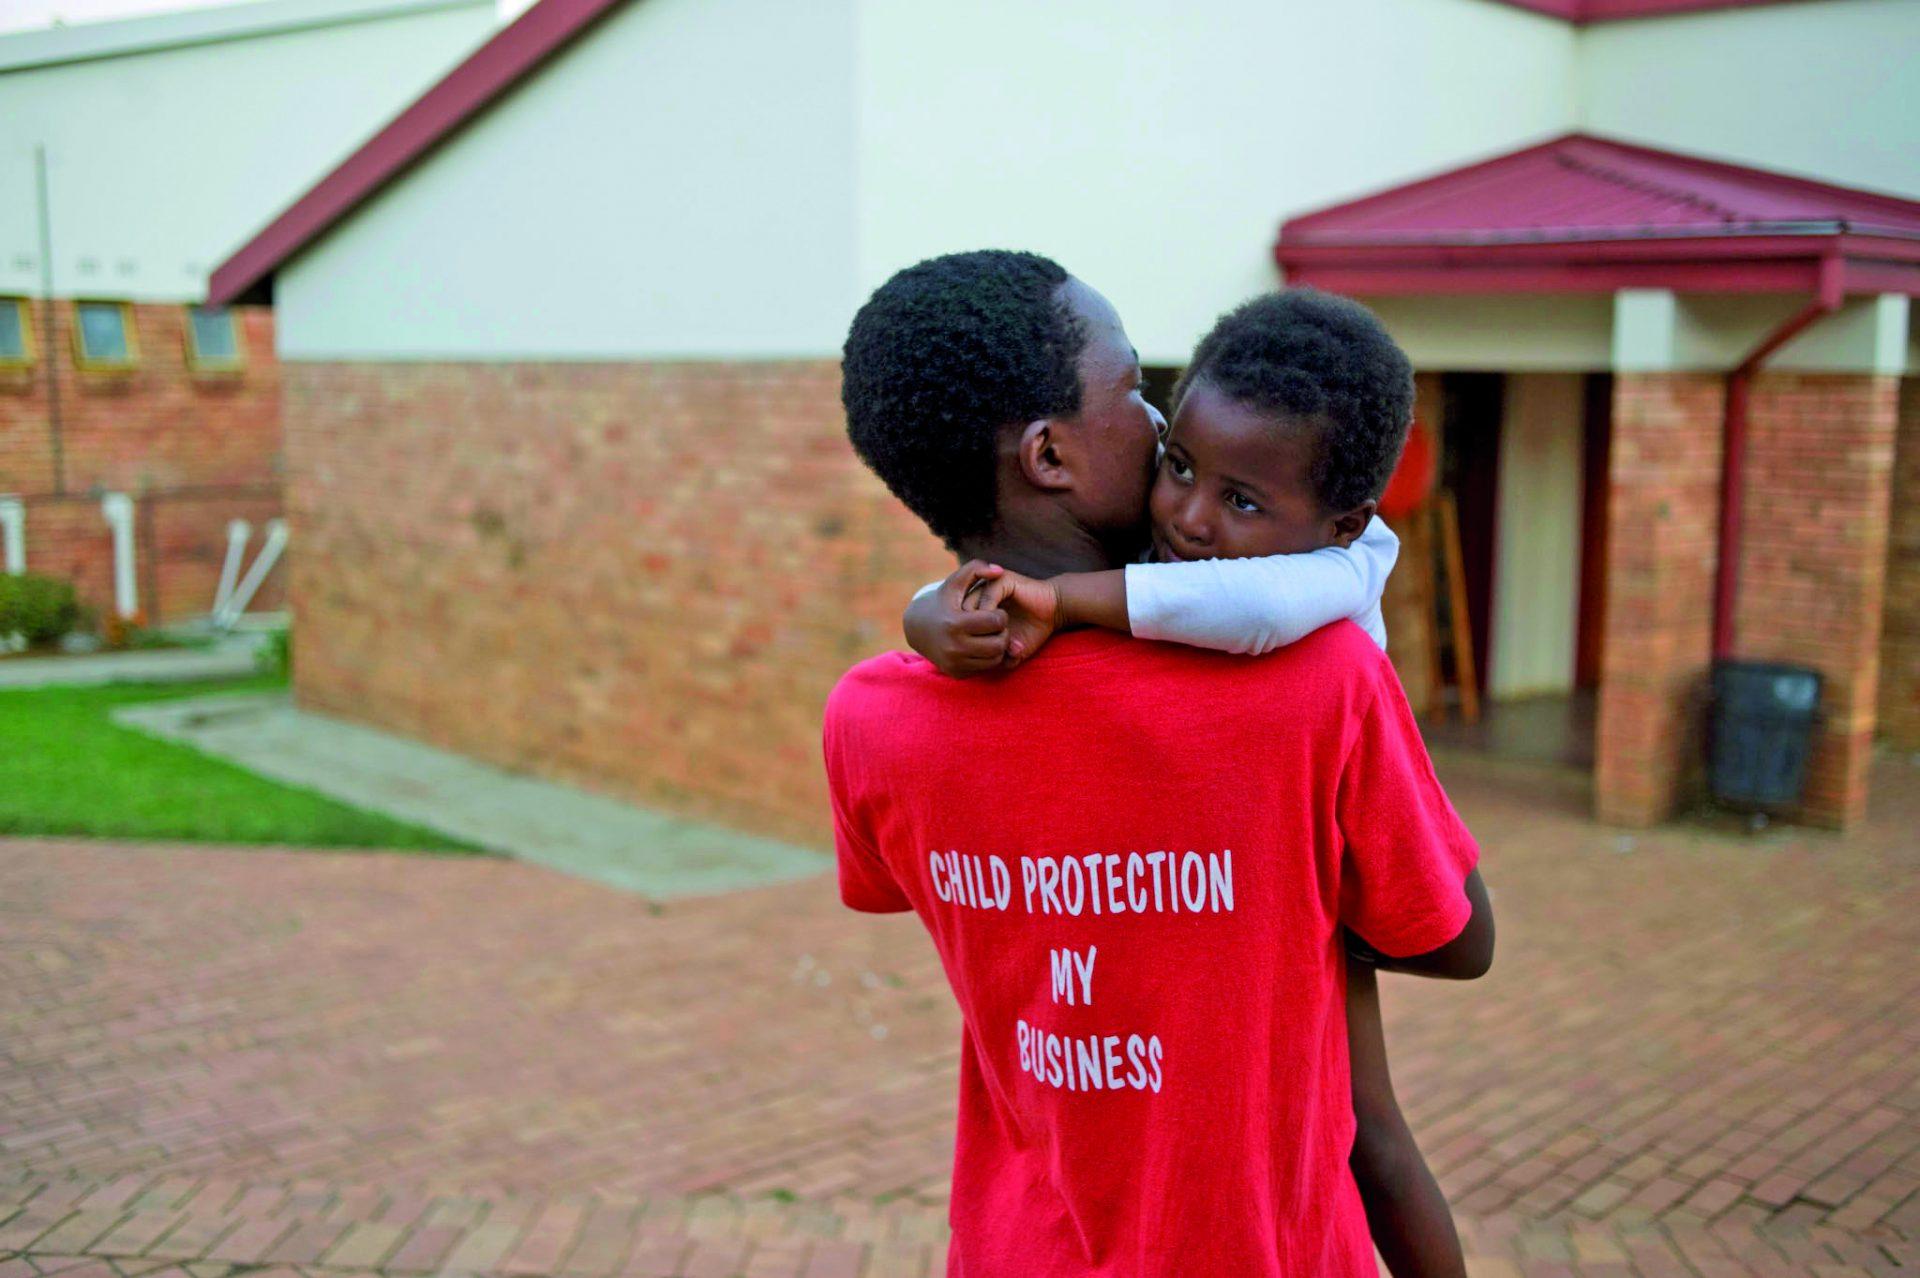 SOS Børnebyerne er én ud af blot tre børneorganisationer, der har et såkaldt Level 1 Certifikat udstedt af den internationalt anerkendte organisation Keeping Children Safe, der har udviklet de standarder for børnebeskyttelse, som følges verden over.